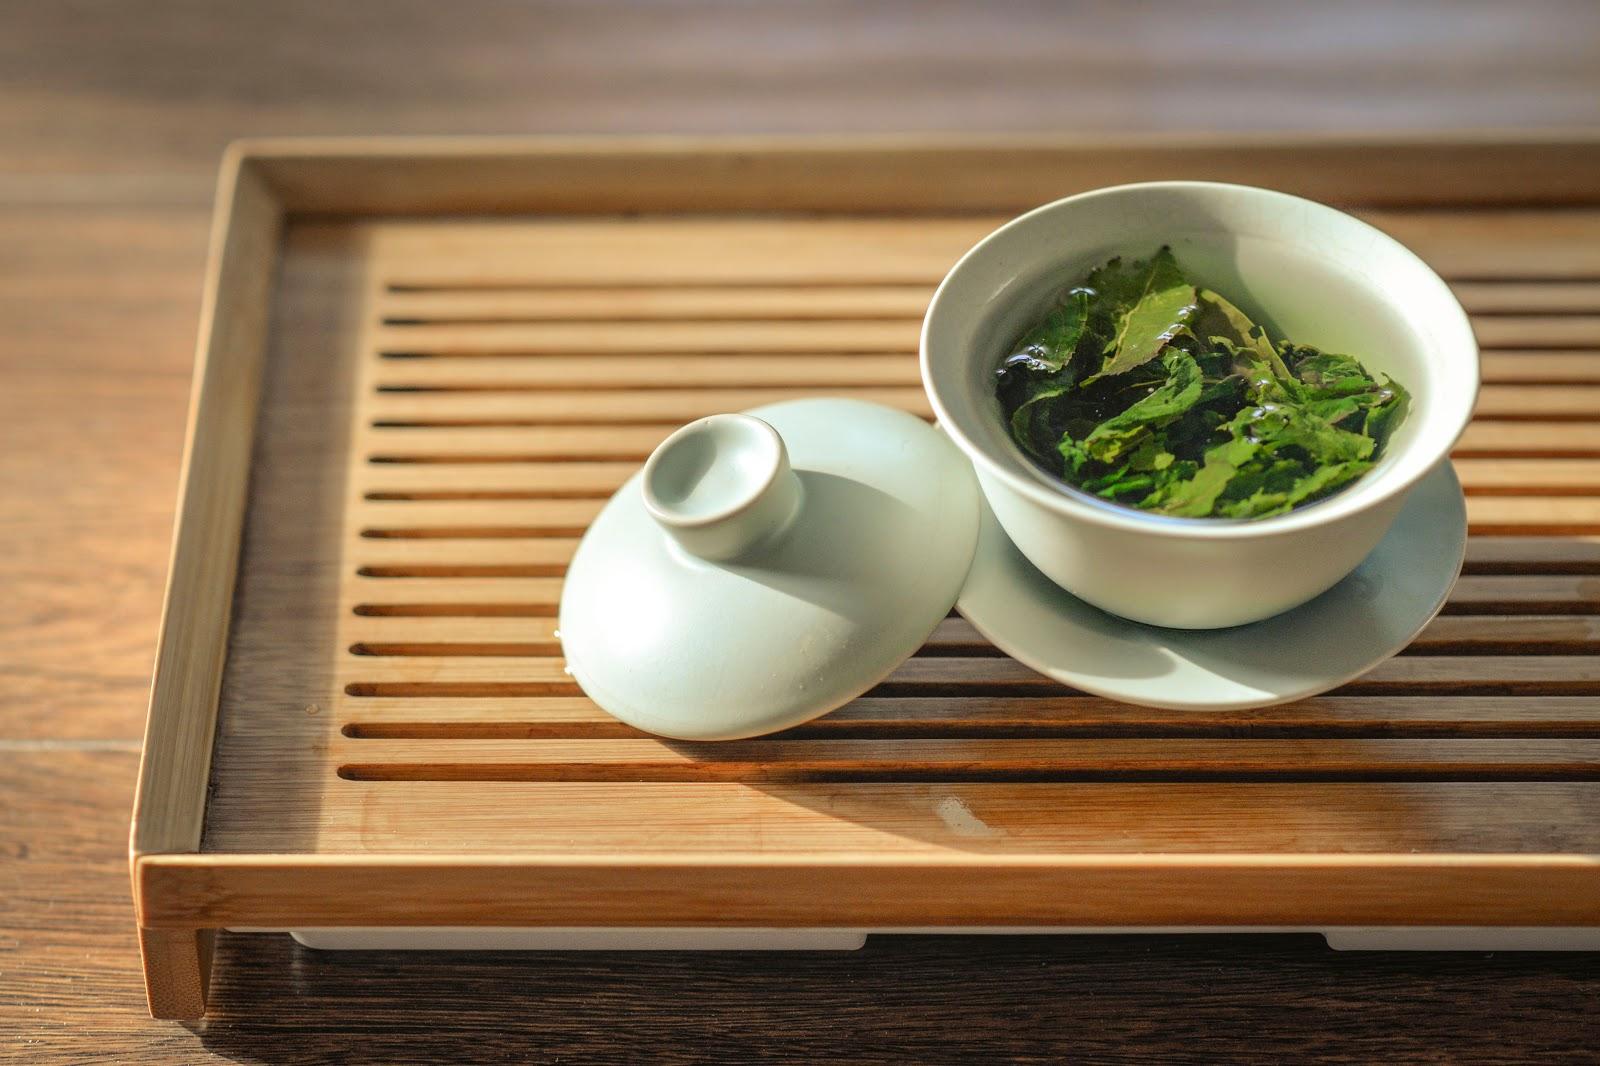 Tasse mit grünem Tee als Lebensmittel gegen unreine Haut